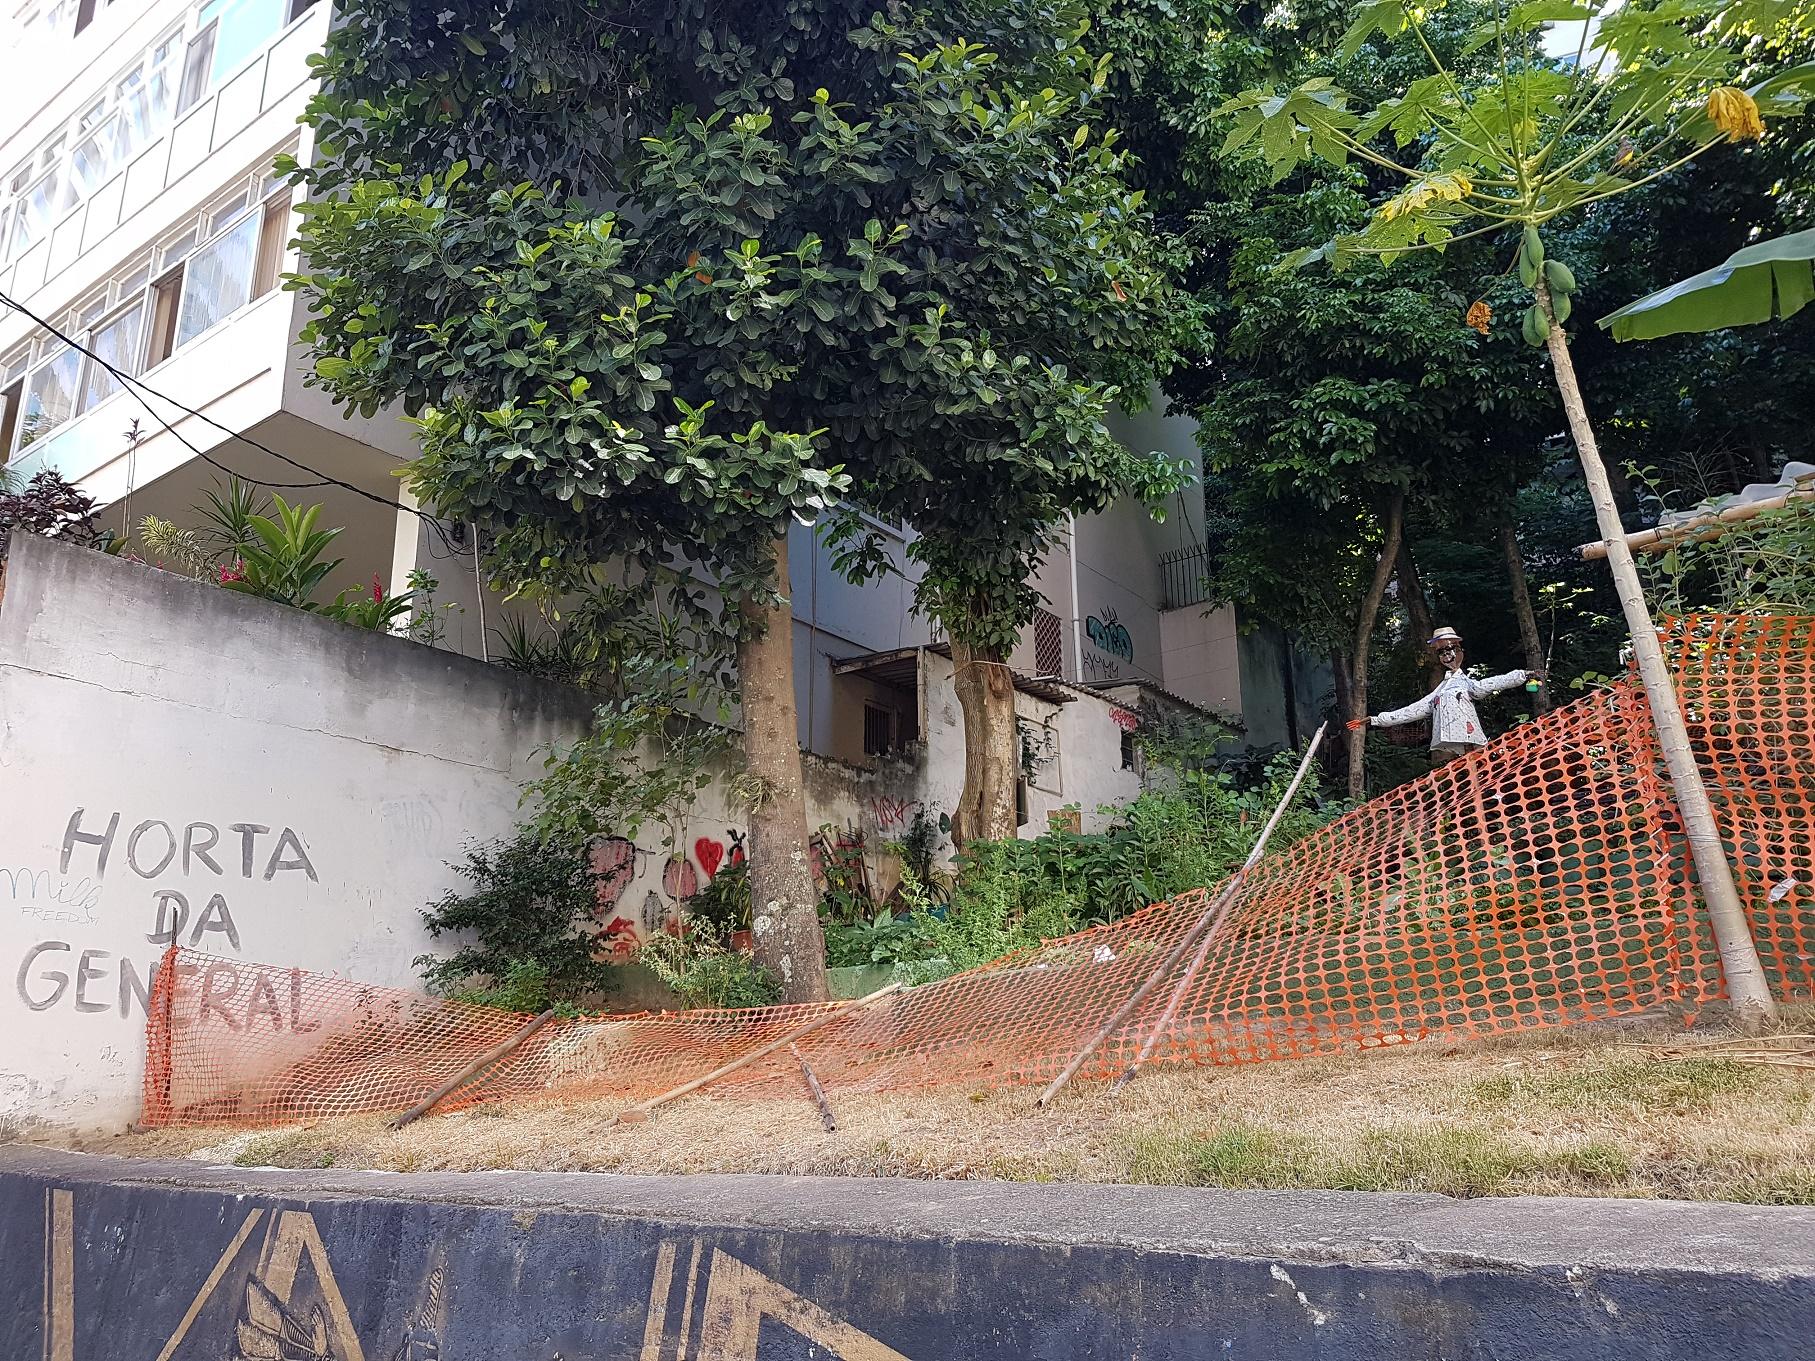 No lugar da tragédia, uma horta comunitária, cuidada pelos moradores da região. Foto Oscar Valporto